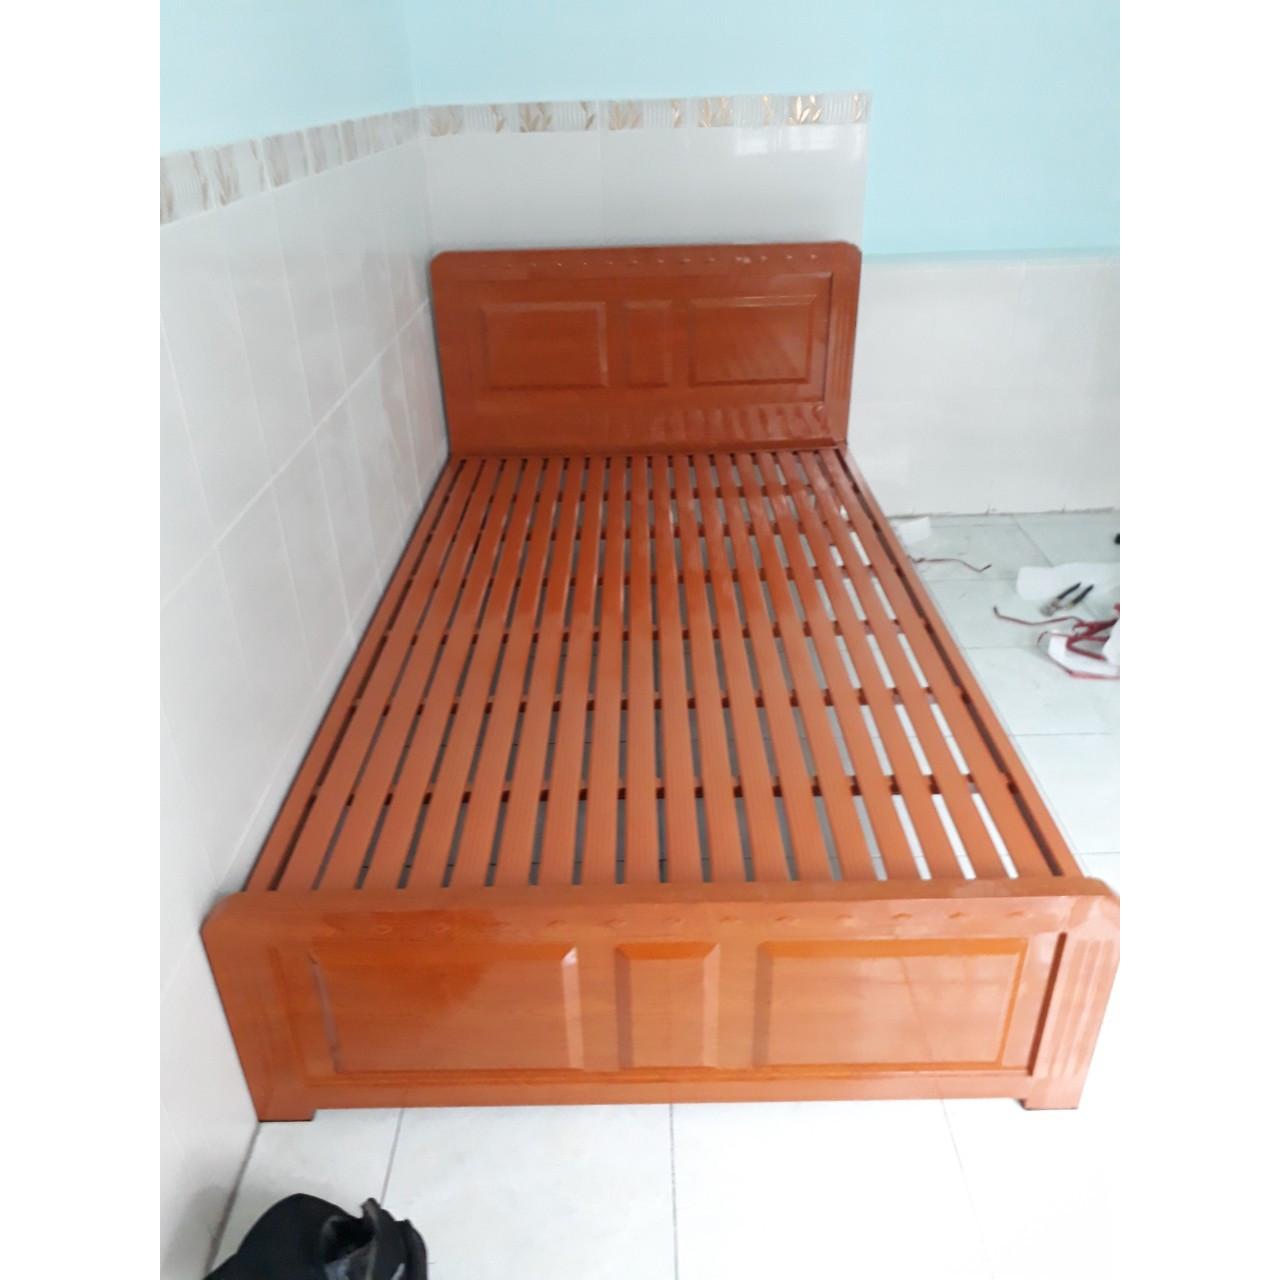 Giường sắt kiểu gỗ rộng 1m4 LG102-14